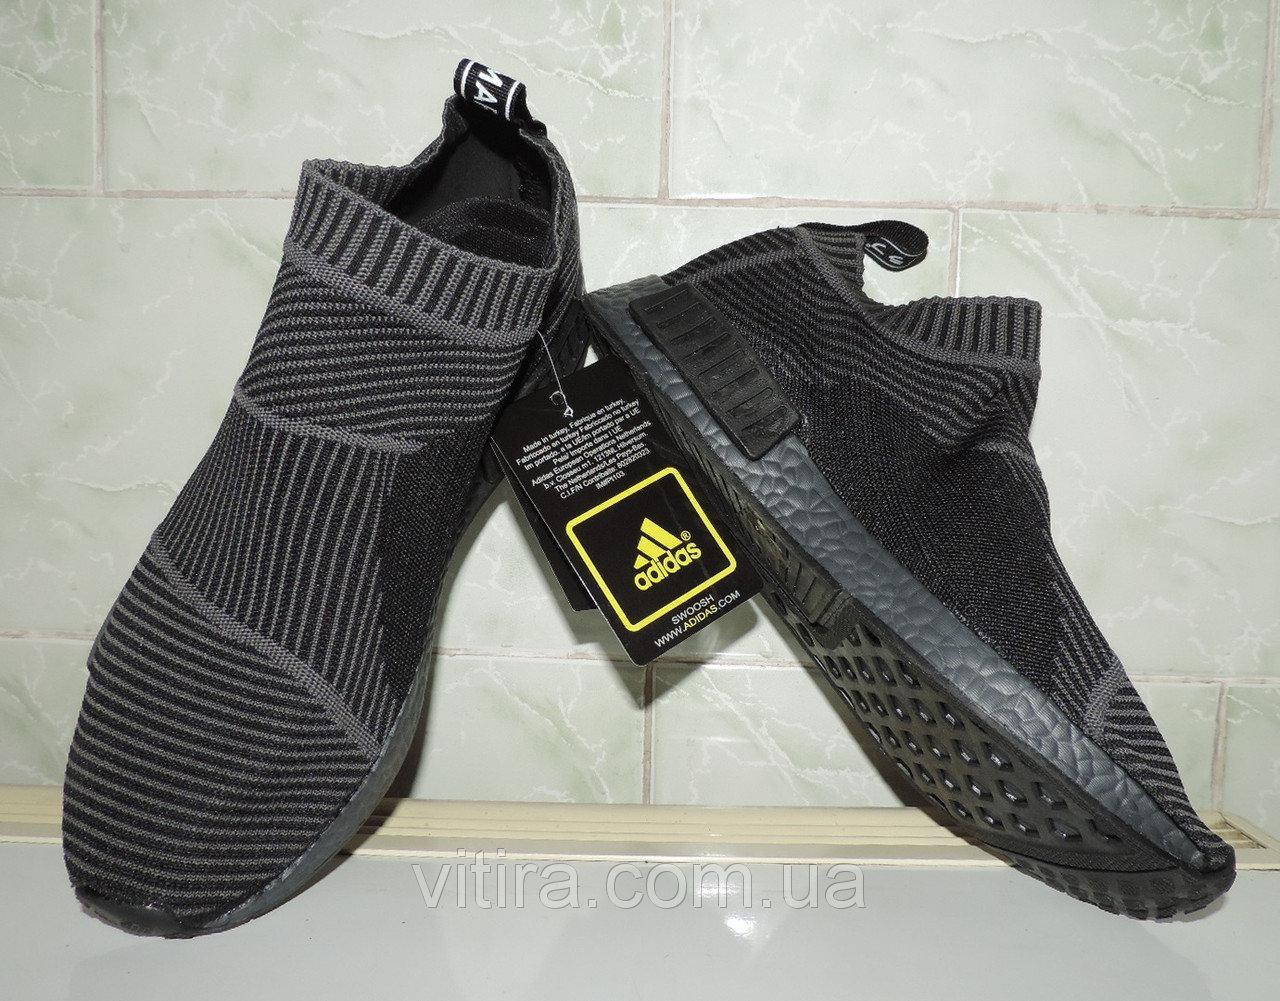 Завезены из Турции напрямую от изготовителя, что позволяет нам предложить  покупателю минимальную стоимость в сравнении с другими продавцами кроссовок  Адидас ... 05af7bb1887